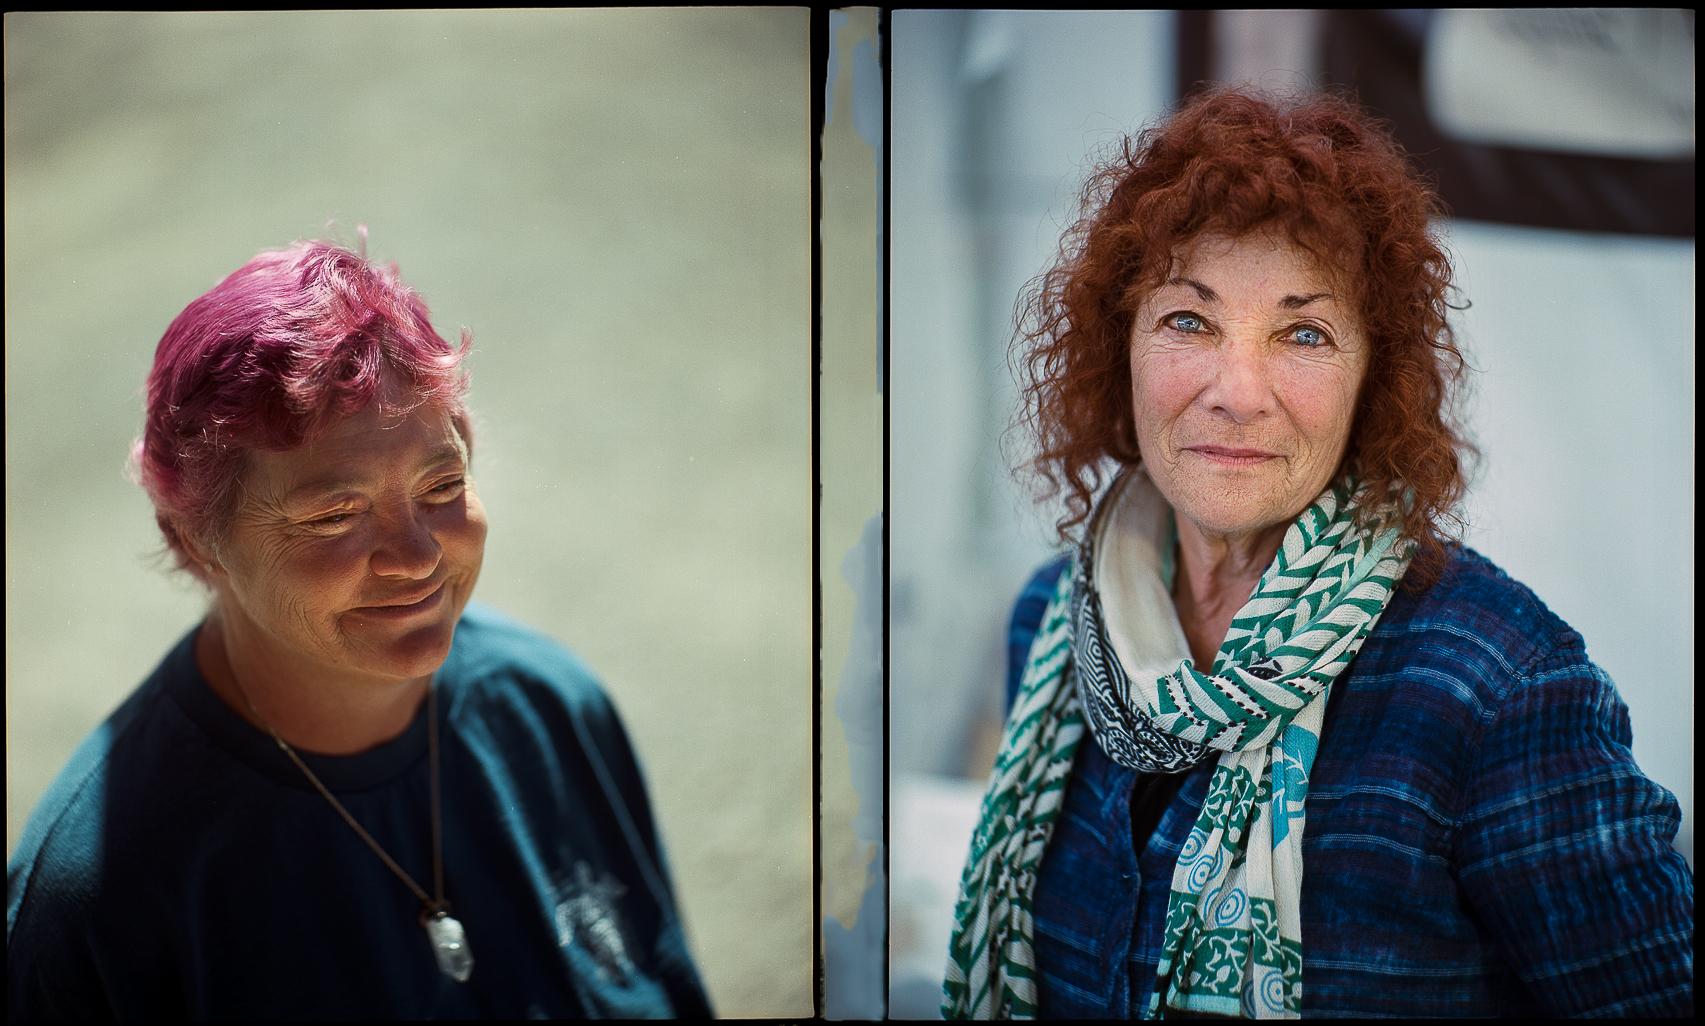 Susanne&Tina_JCEpong_2014.jpg